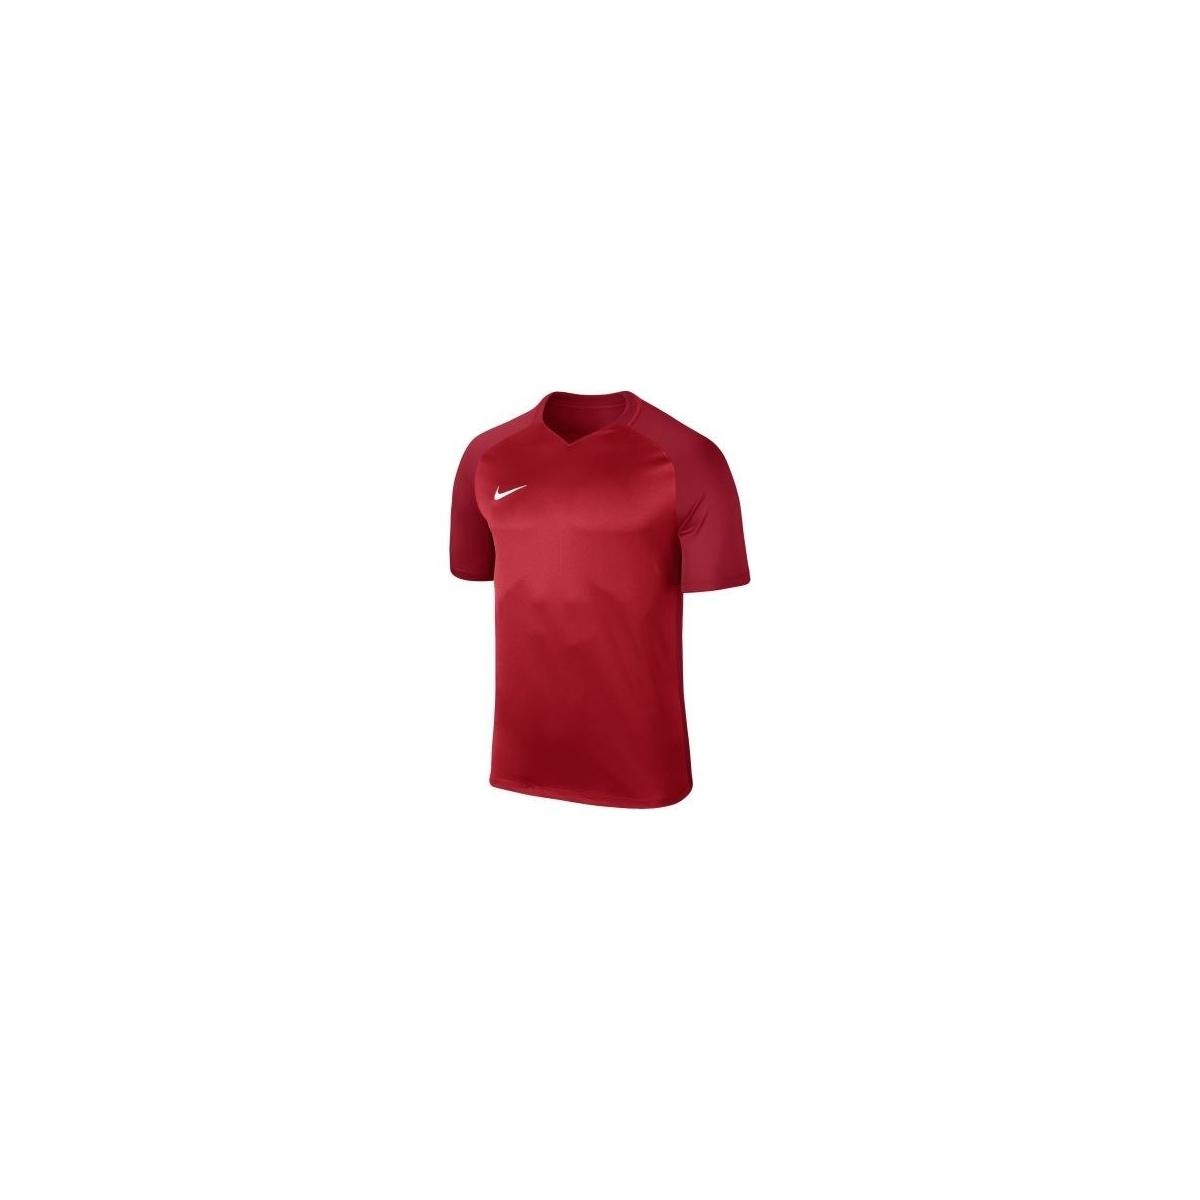 Dry Trophy III Jersey Erkek Bordo Forma (881483-677)